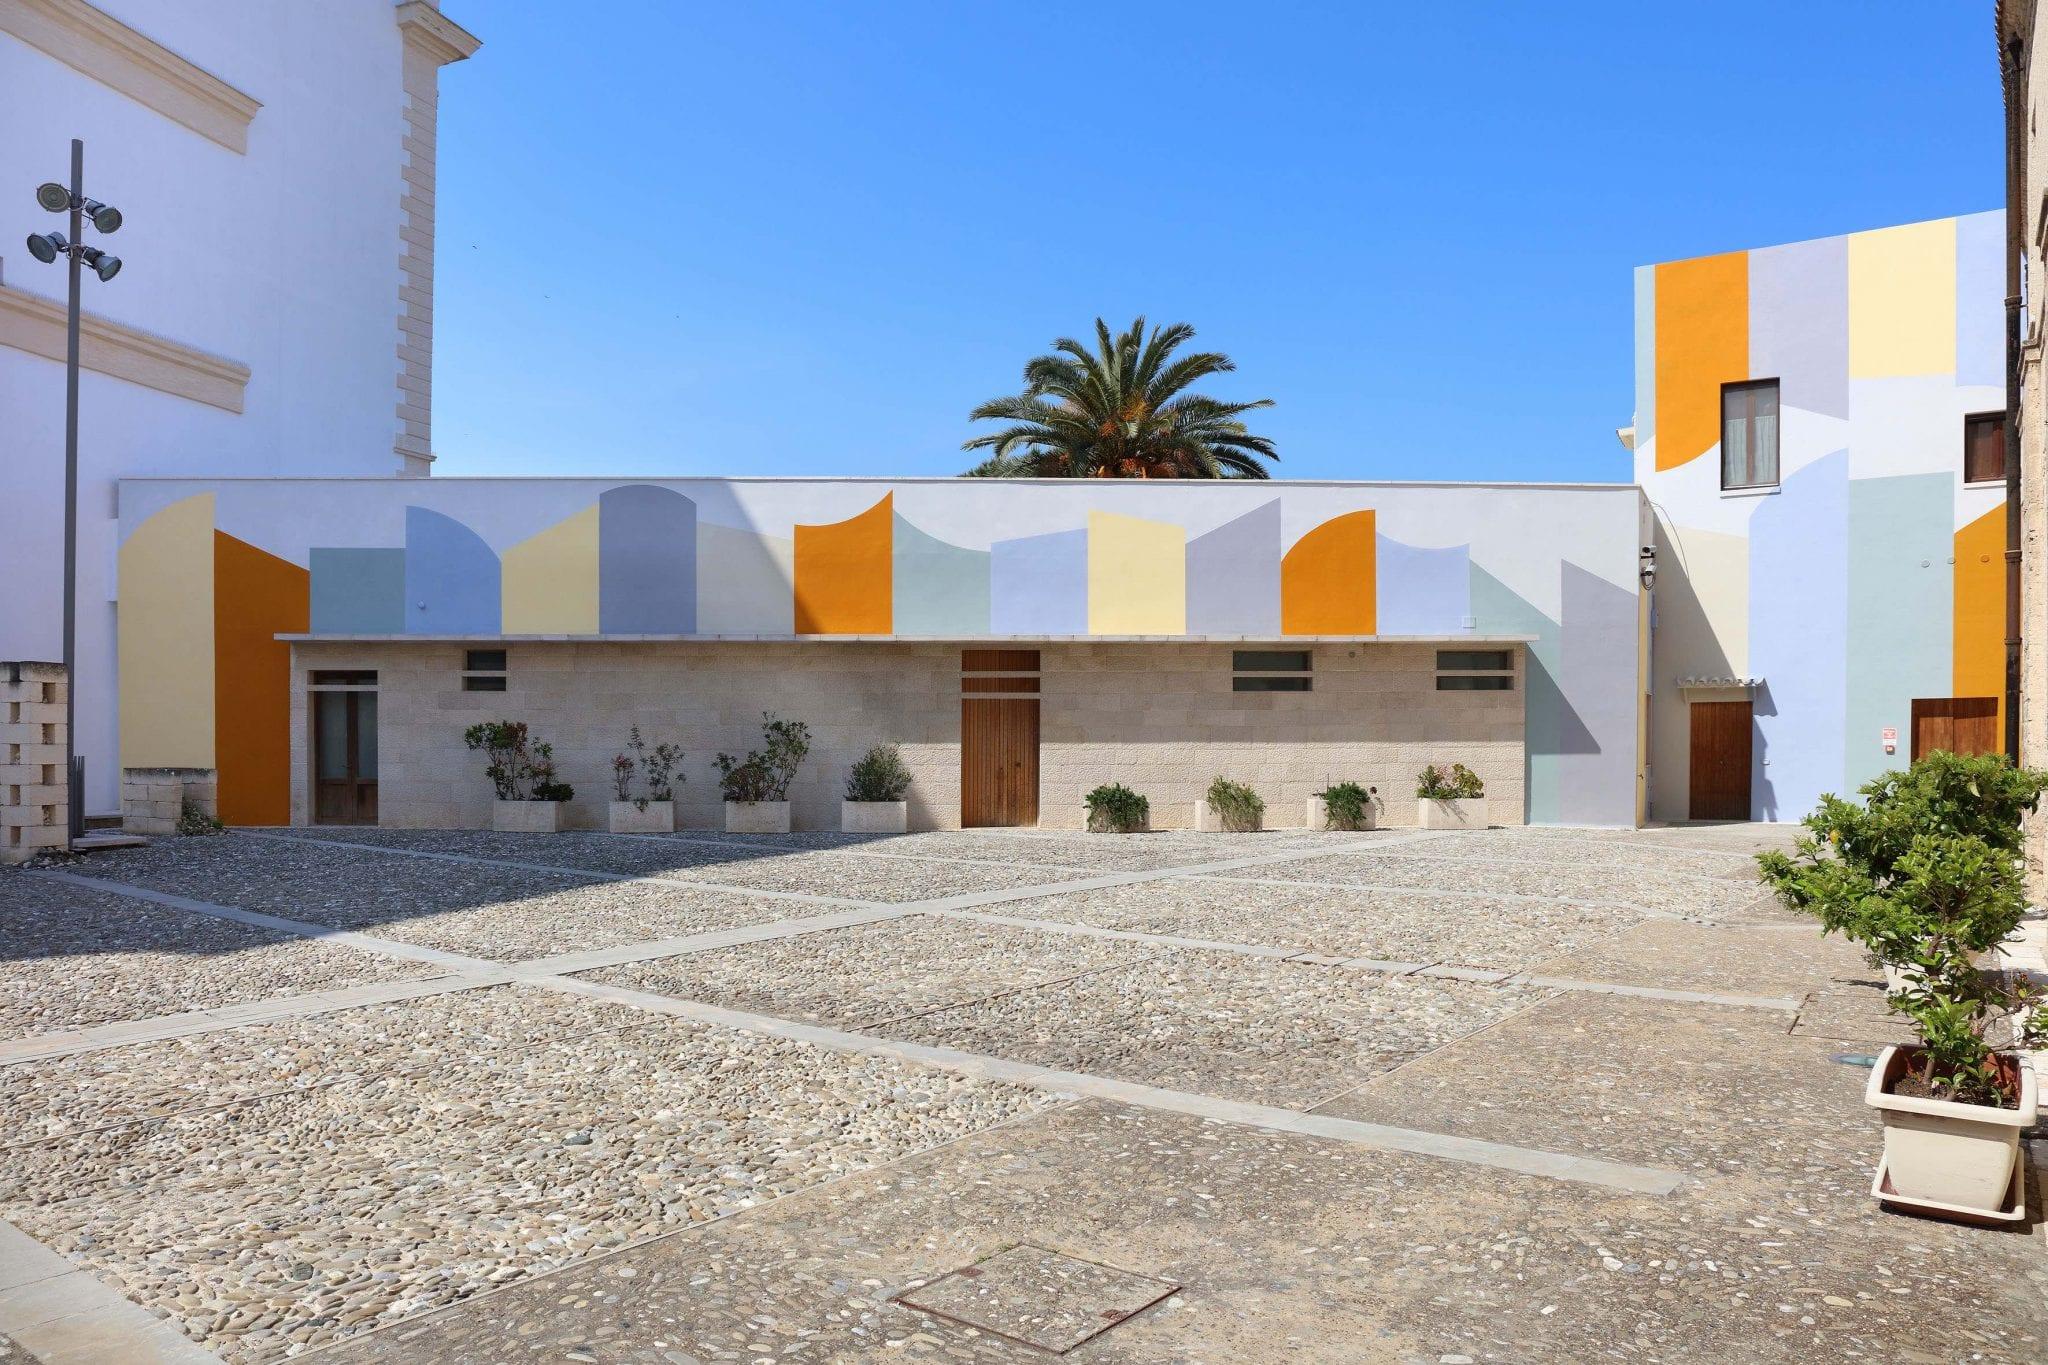 Geometrie pastello sui muri. La bellissima opera pubblica di David Tremlett a Bari